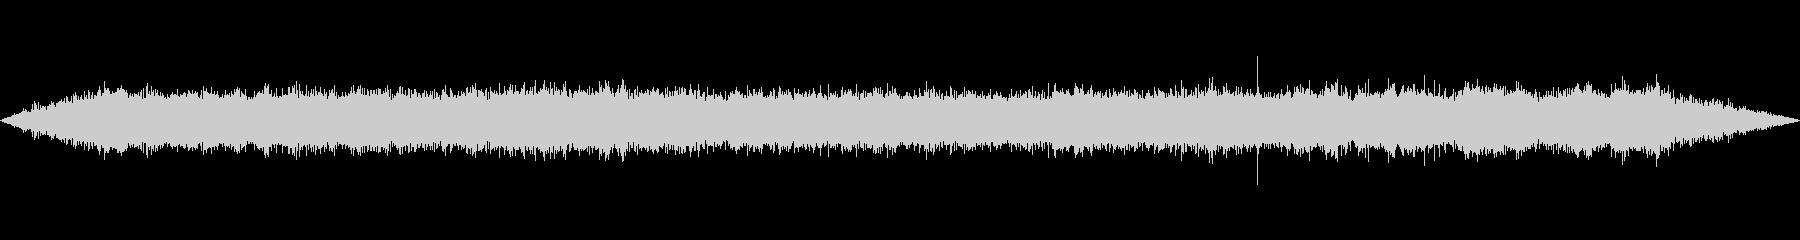 海 波 浜辺 海岸 カモメの環境音 12の未再生の波形